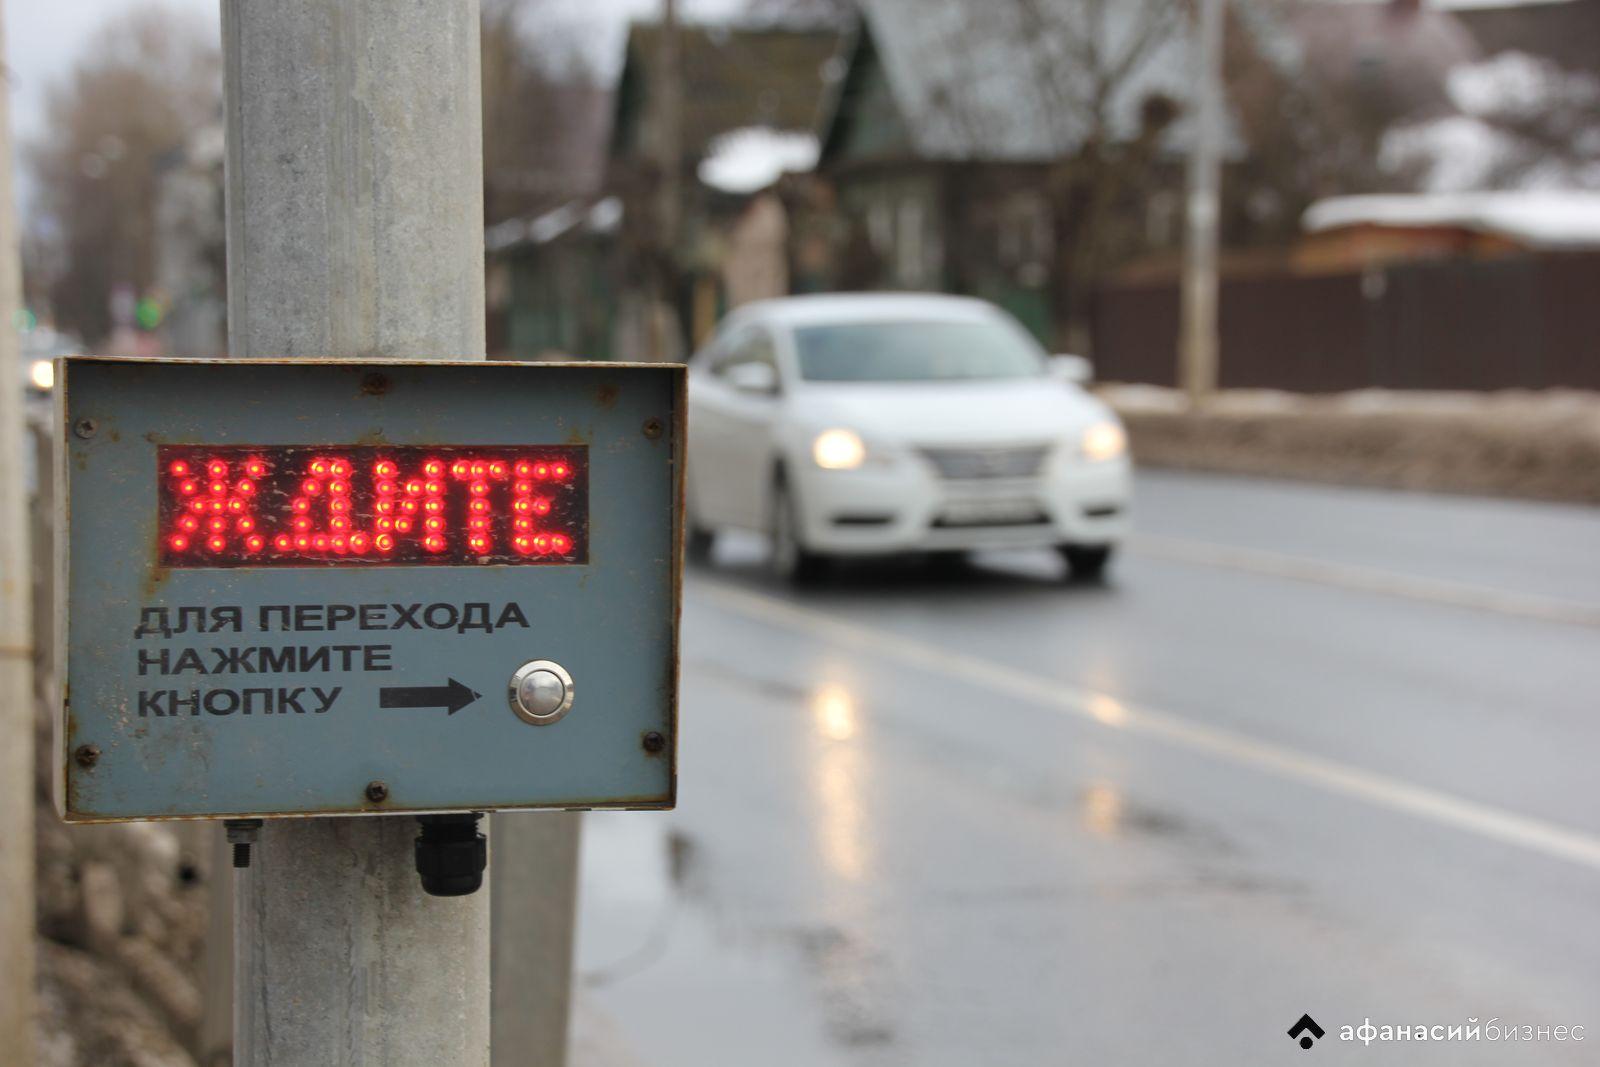 Кто заставляет пешеходов ждать и почему выделенные полосы в Твери – лишь мечты? Главный автоинспектор города о переходах, светофорах и серых заборчиках - новости Афанасий